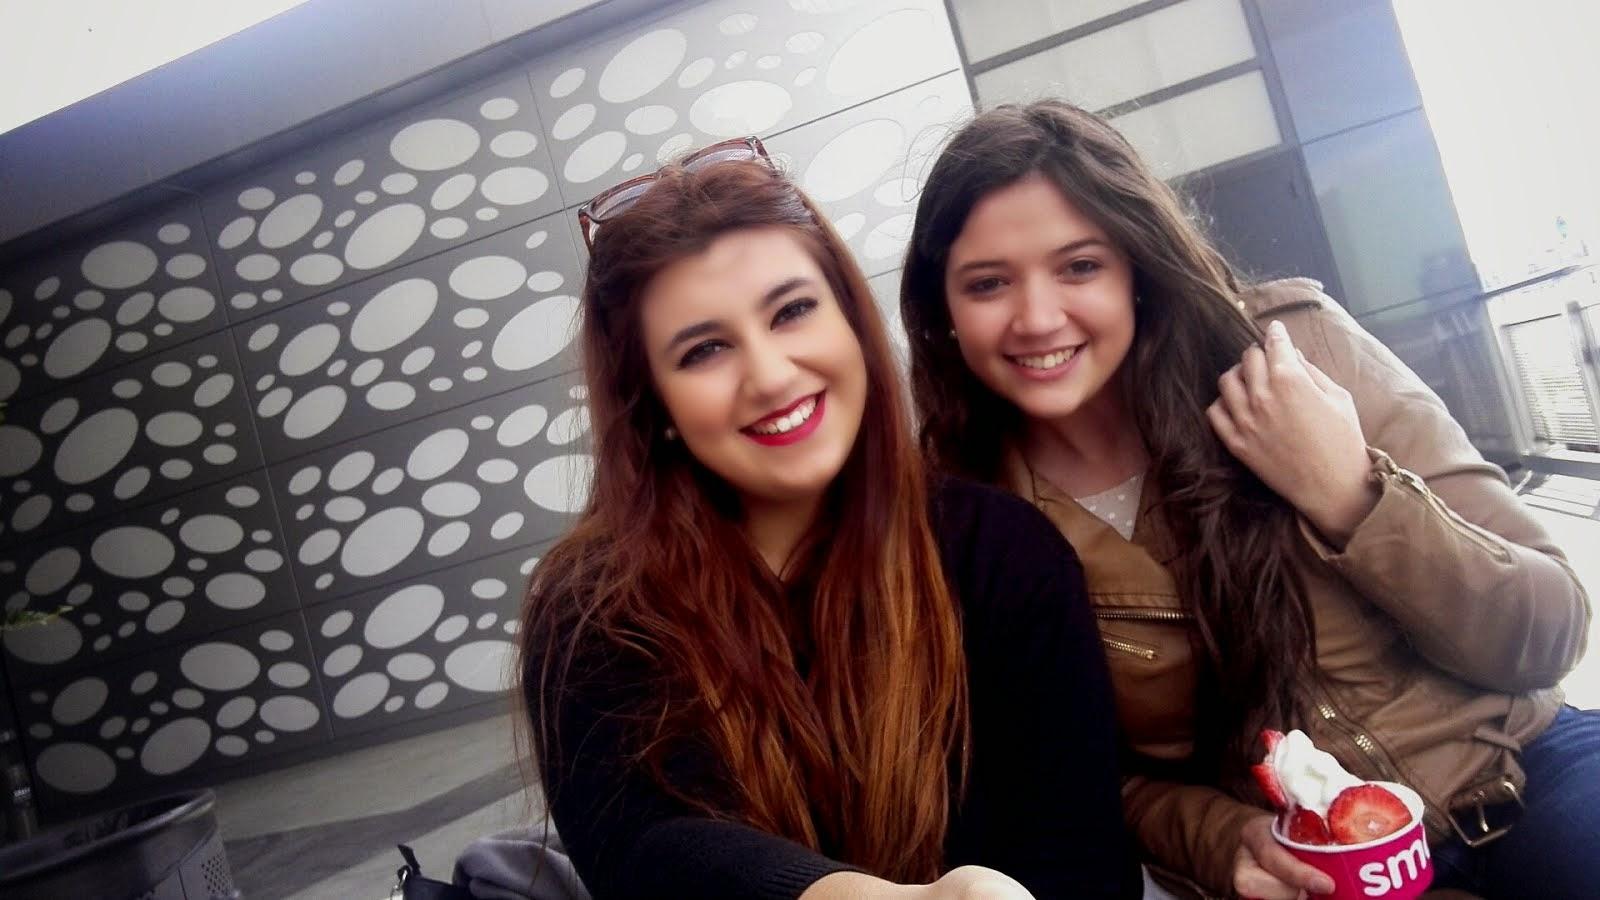 Hola, bienvenid@s a nuestro blog, somos Sara Hernández y María José Martínez